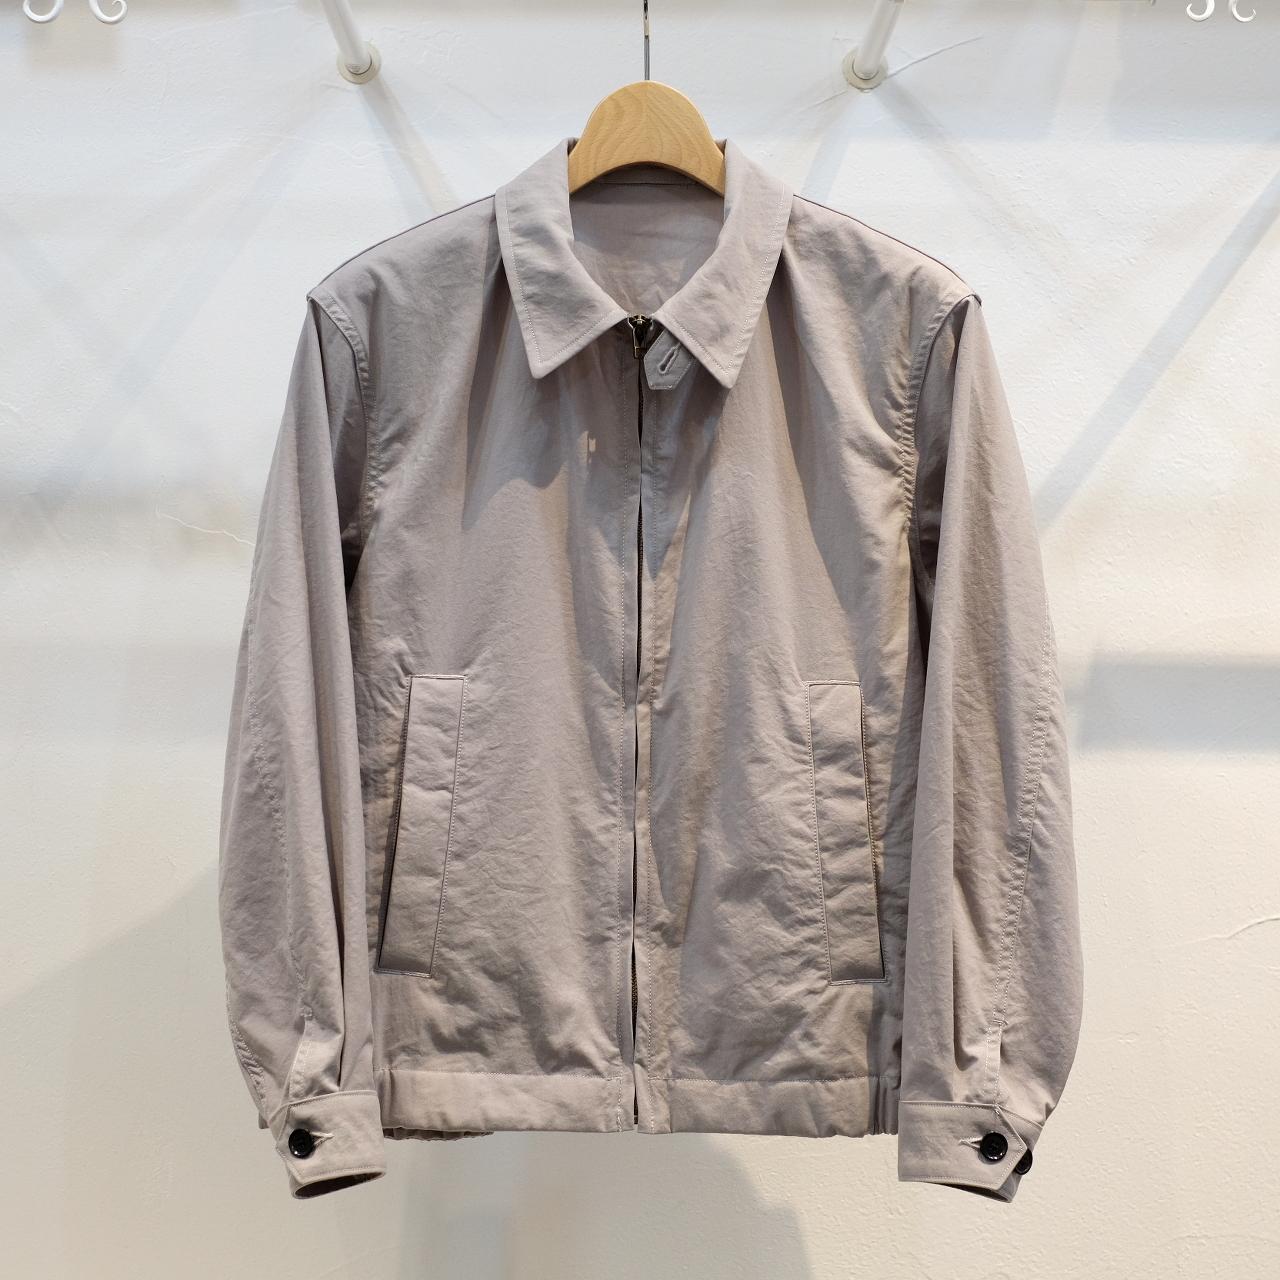 KUON(クオン) オニベジ天然染料染めナイロン ハリントンジャケット グレー